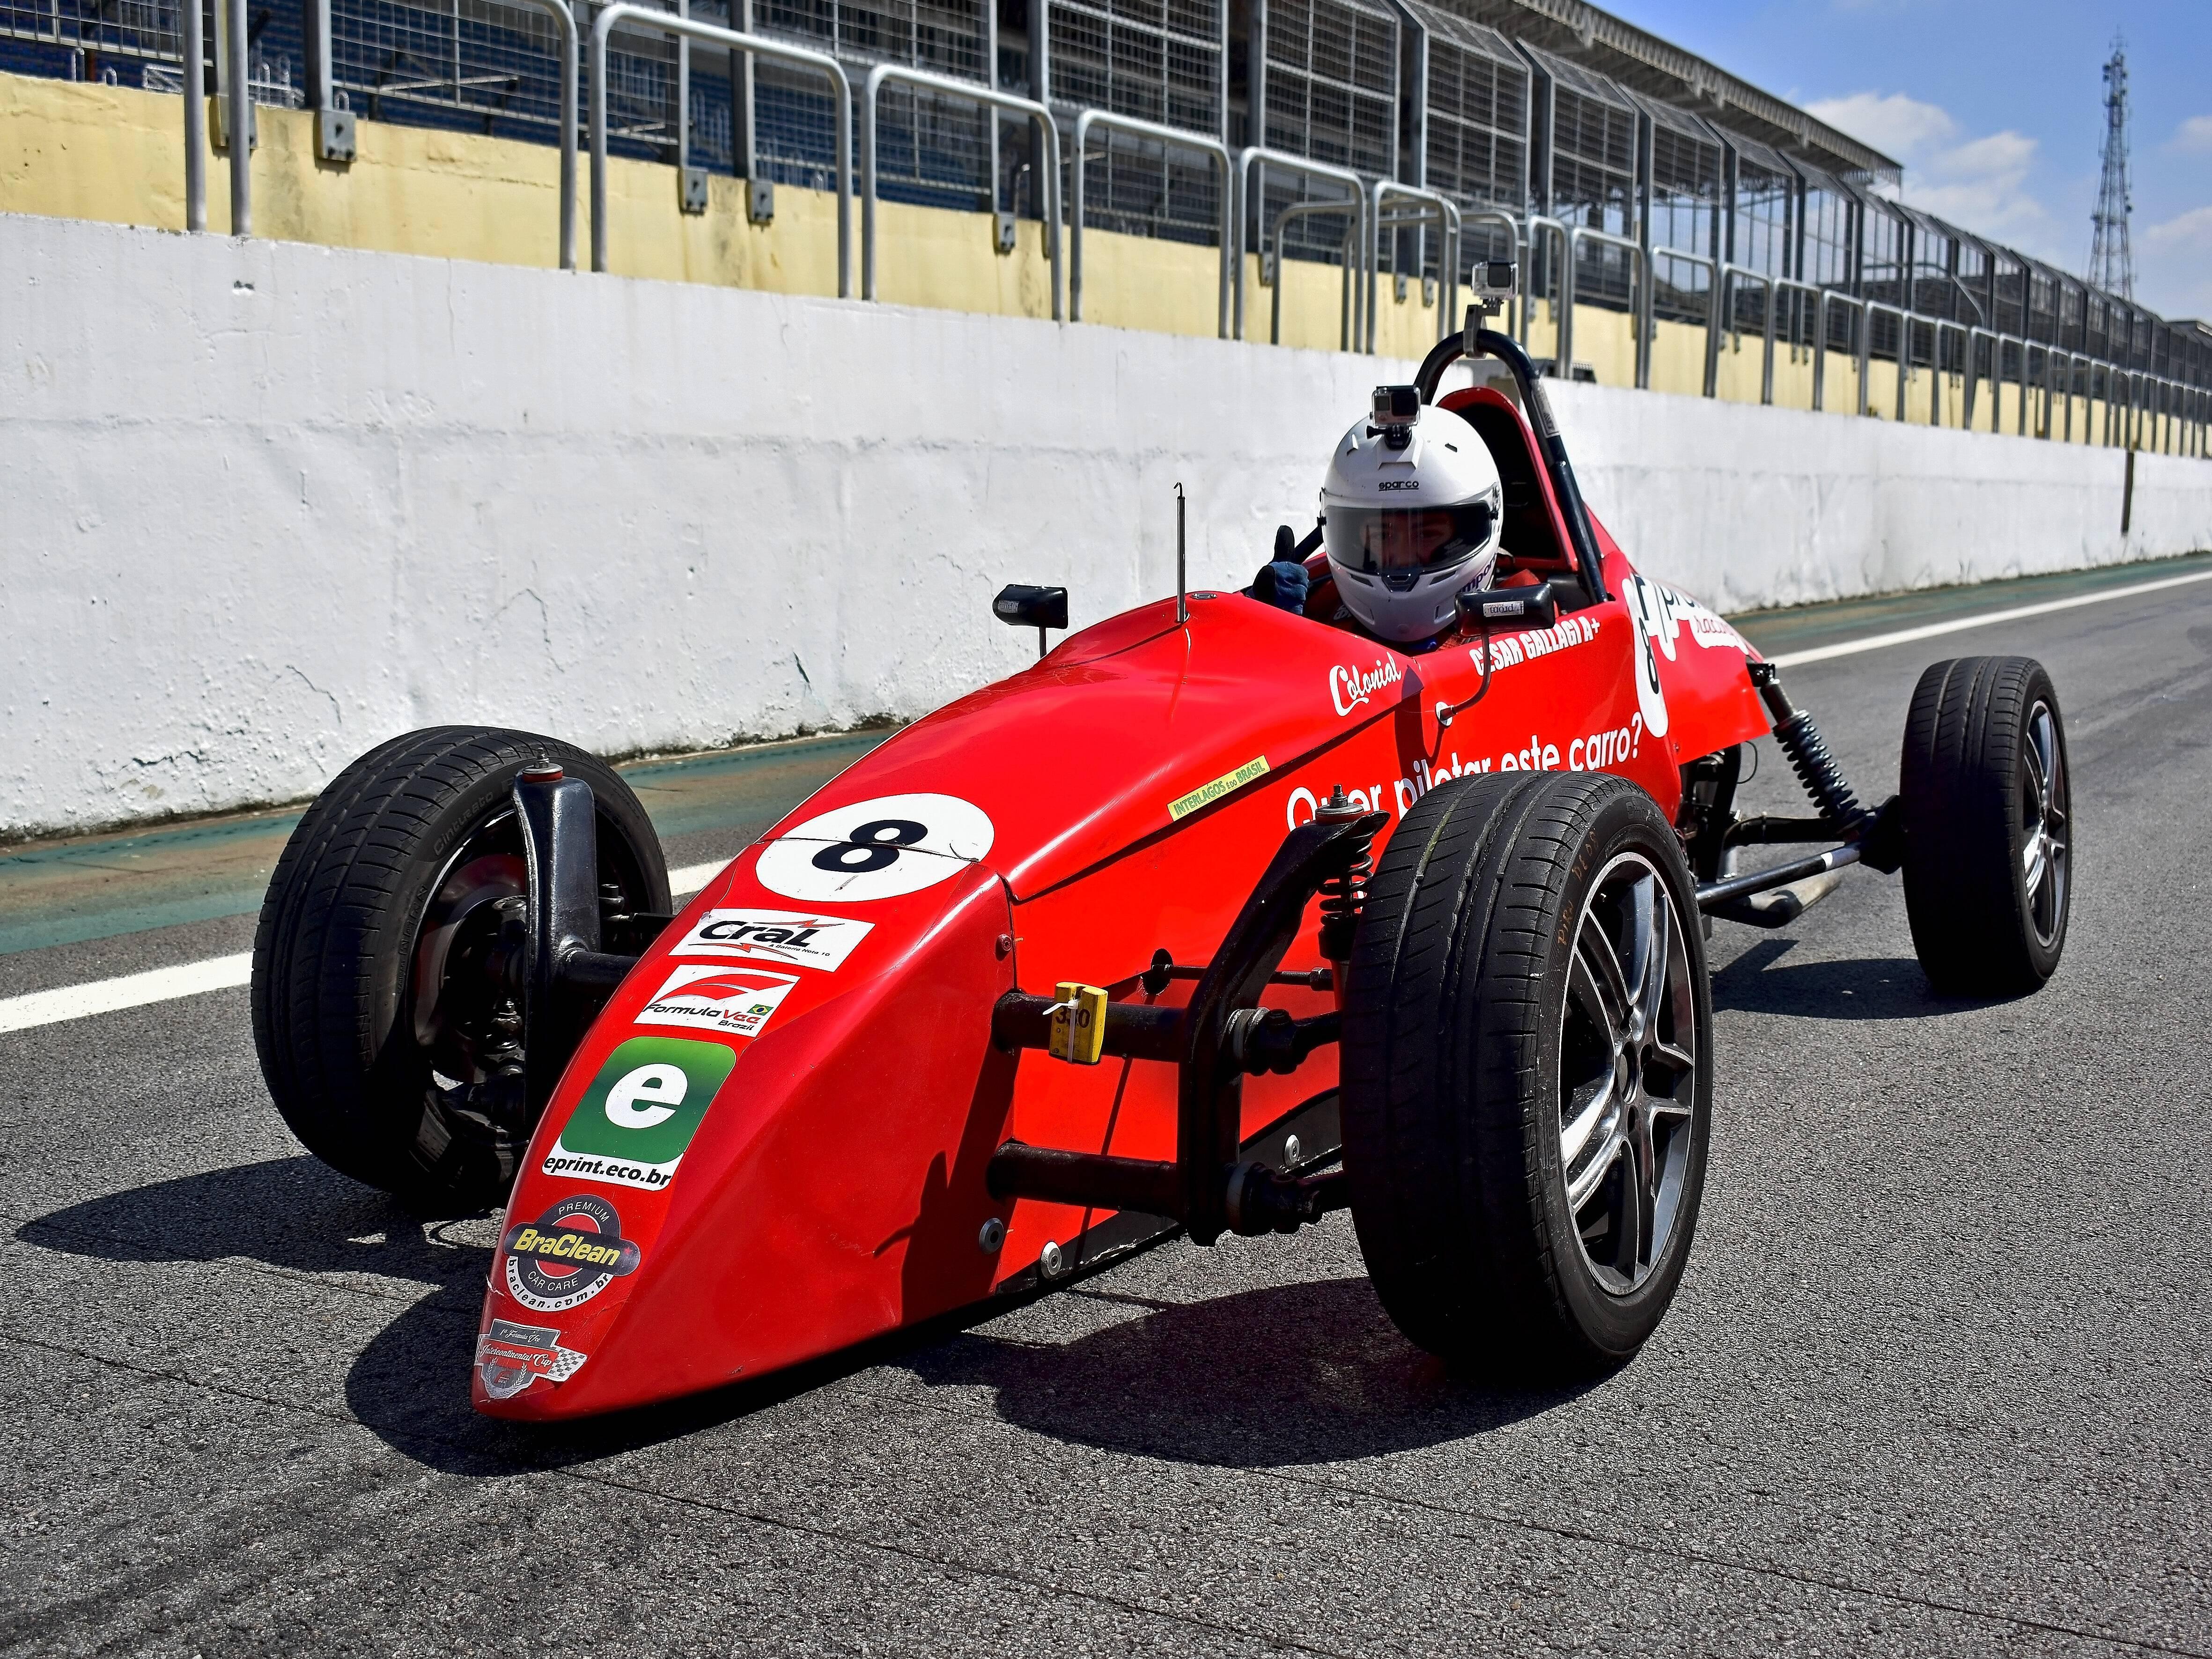 Experiência com Fórmula vee. Foto: Foto: Marcos Tadeu Batista / Velocidade em Foco